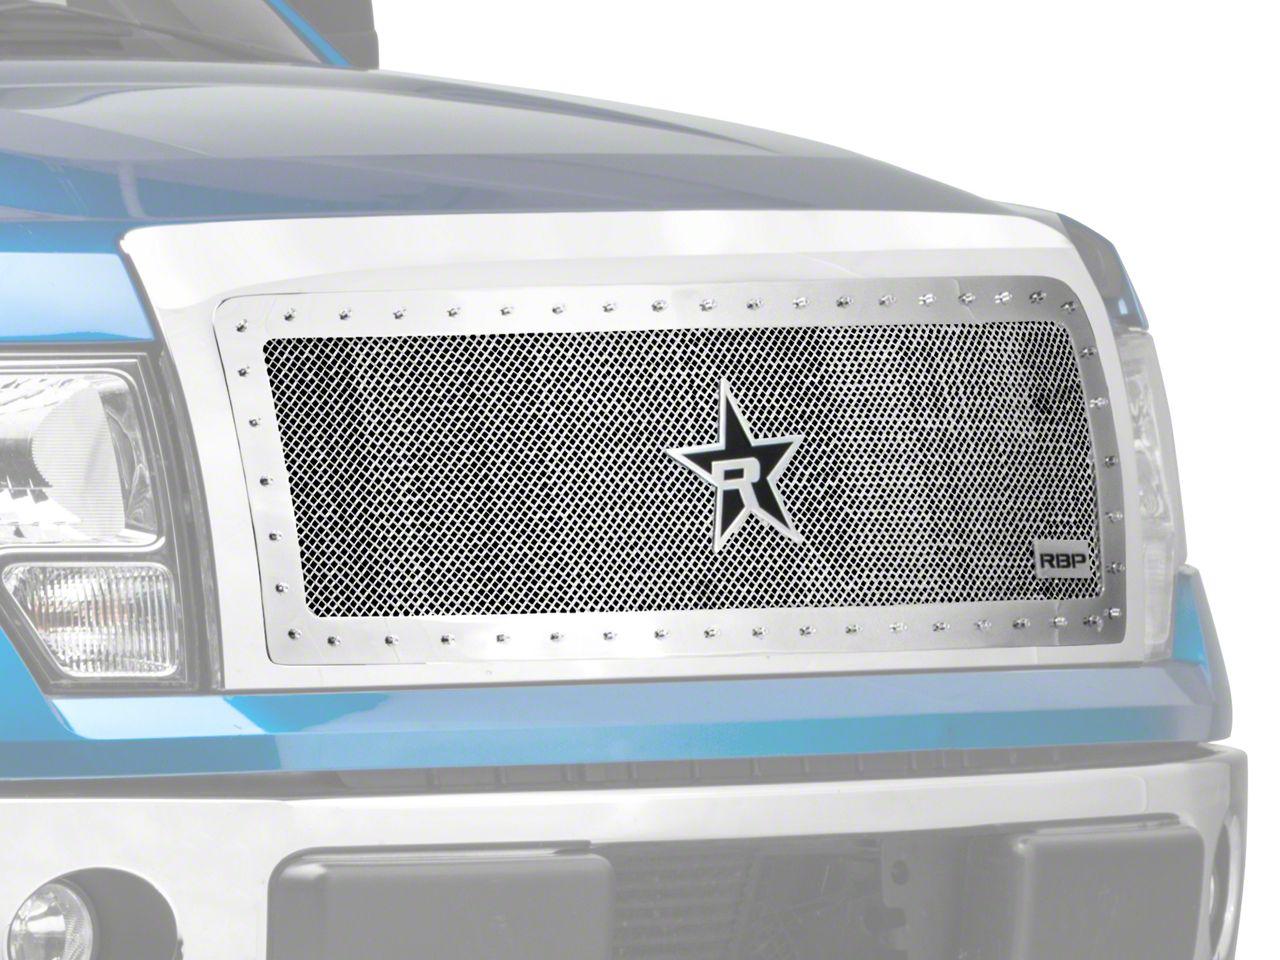 RBP RX-5 HALO Series Studded Frame Upper Grille Insert - Chrome (09-14 F-150, Excluding Harley Davidson & Raptor)